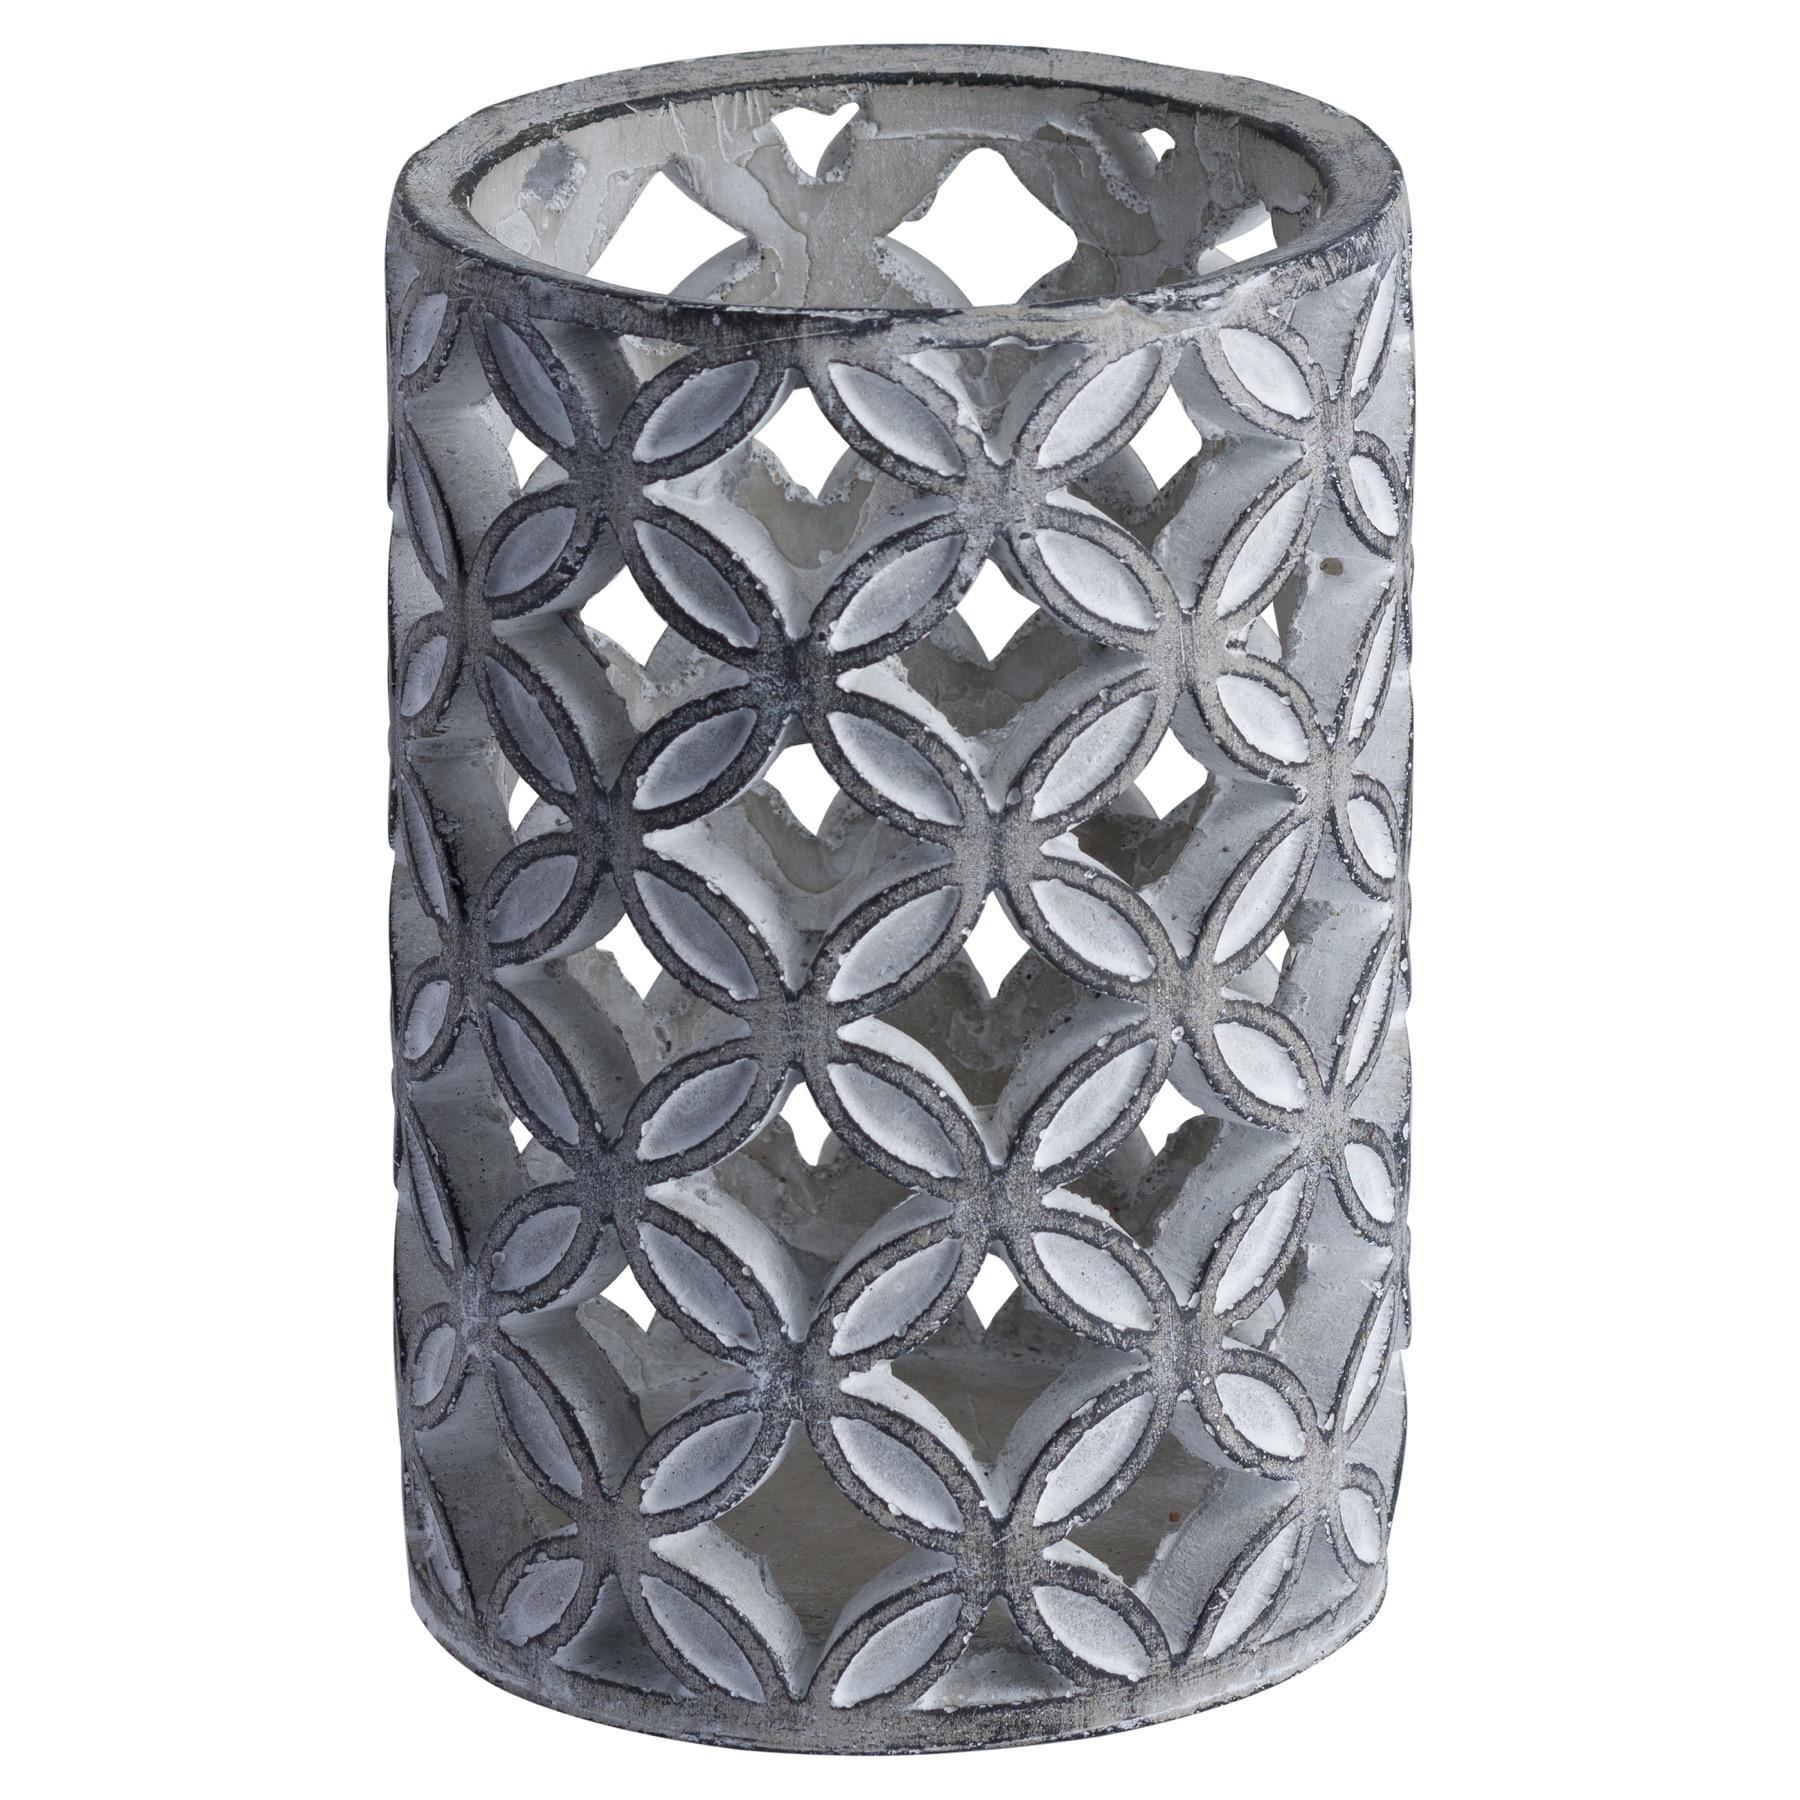 Large Geometric Stone Candle Sconce - Image 1